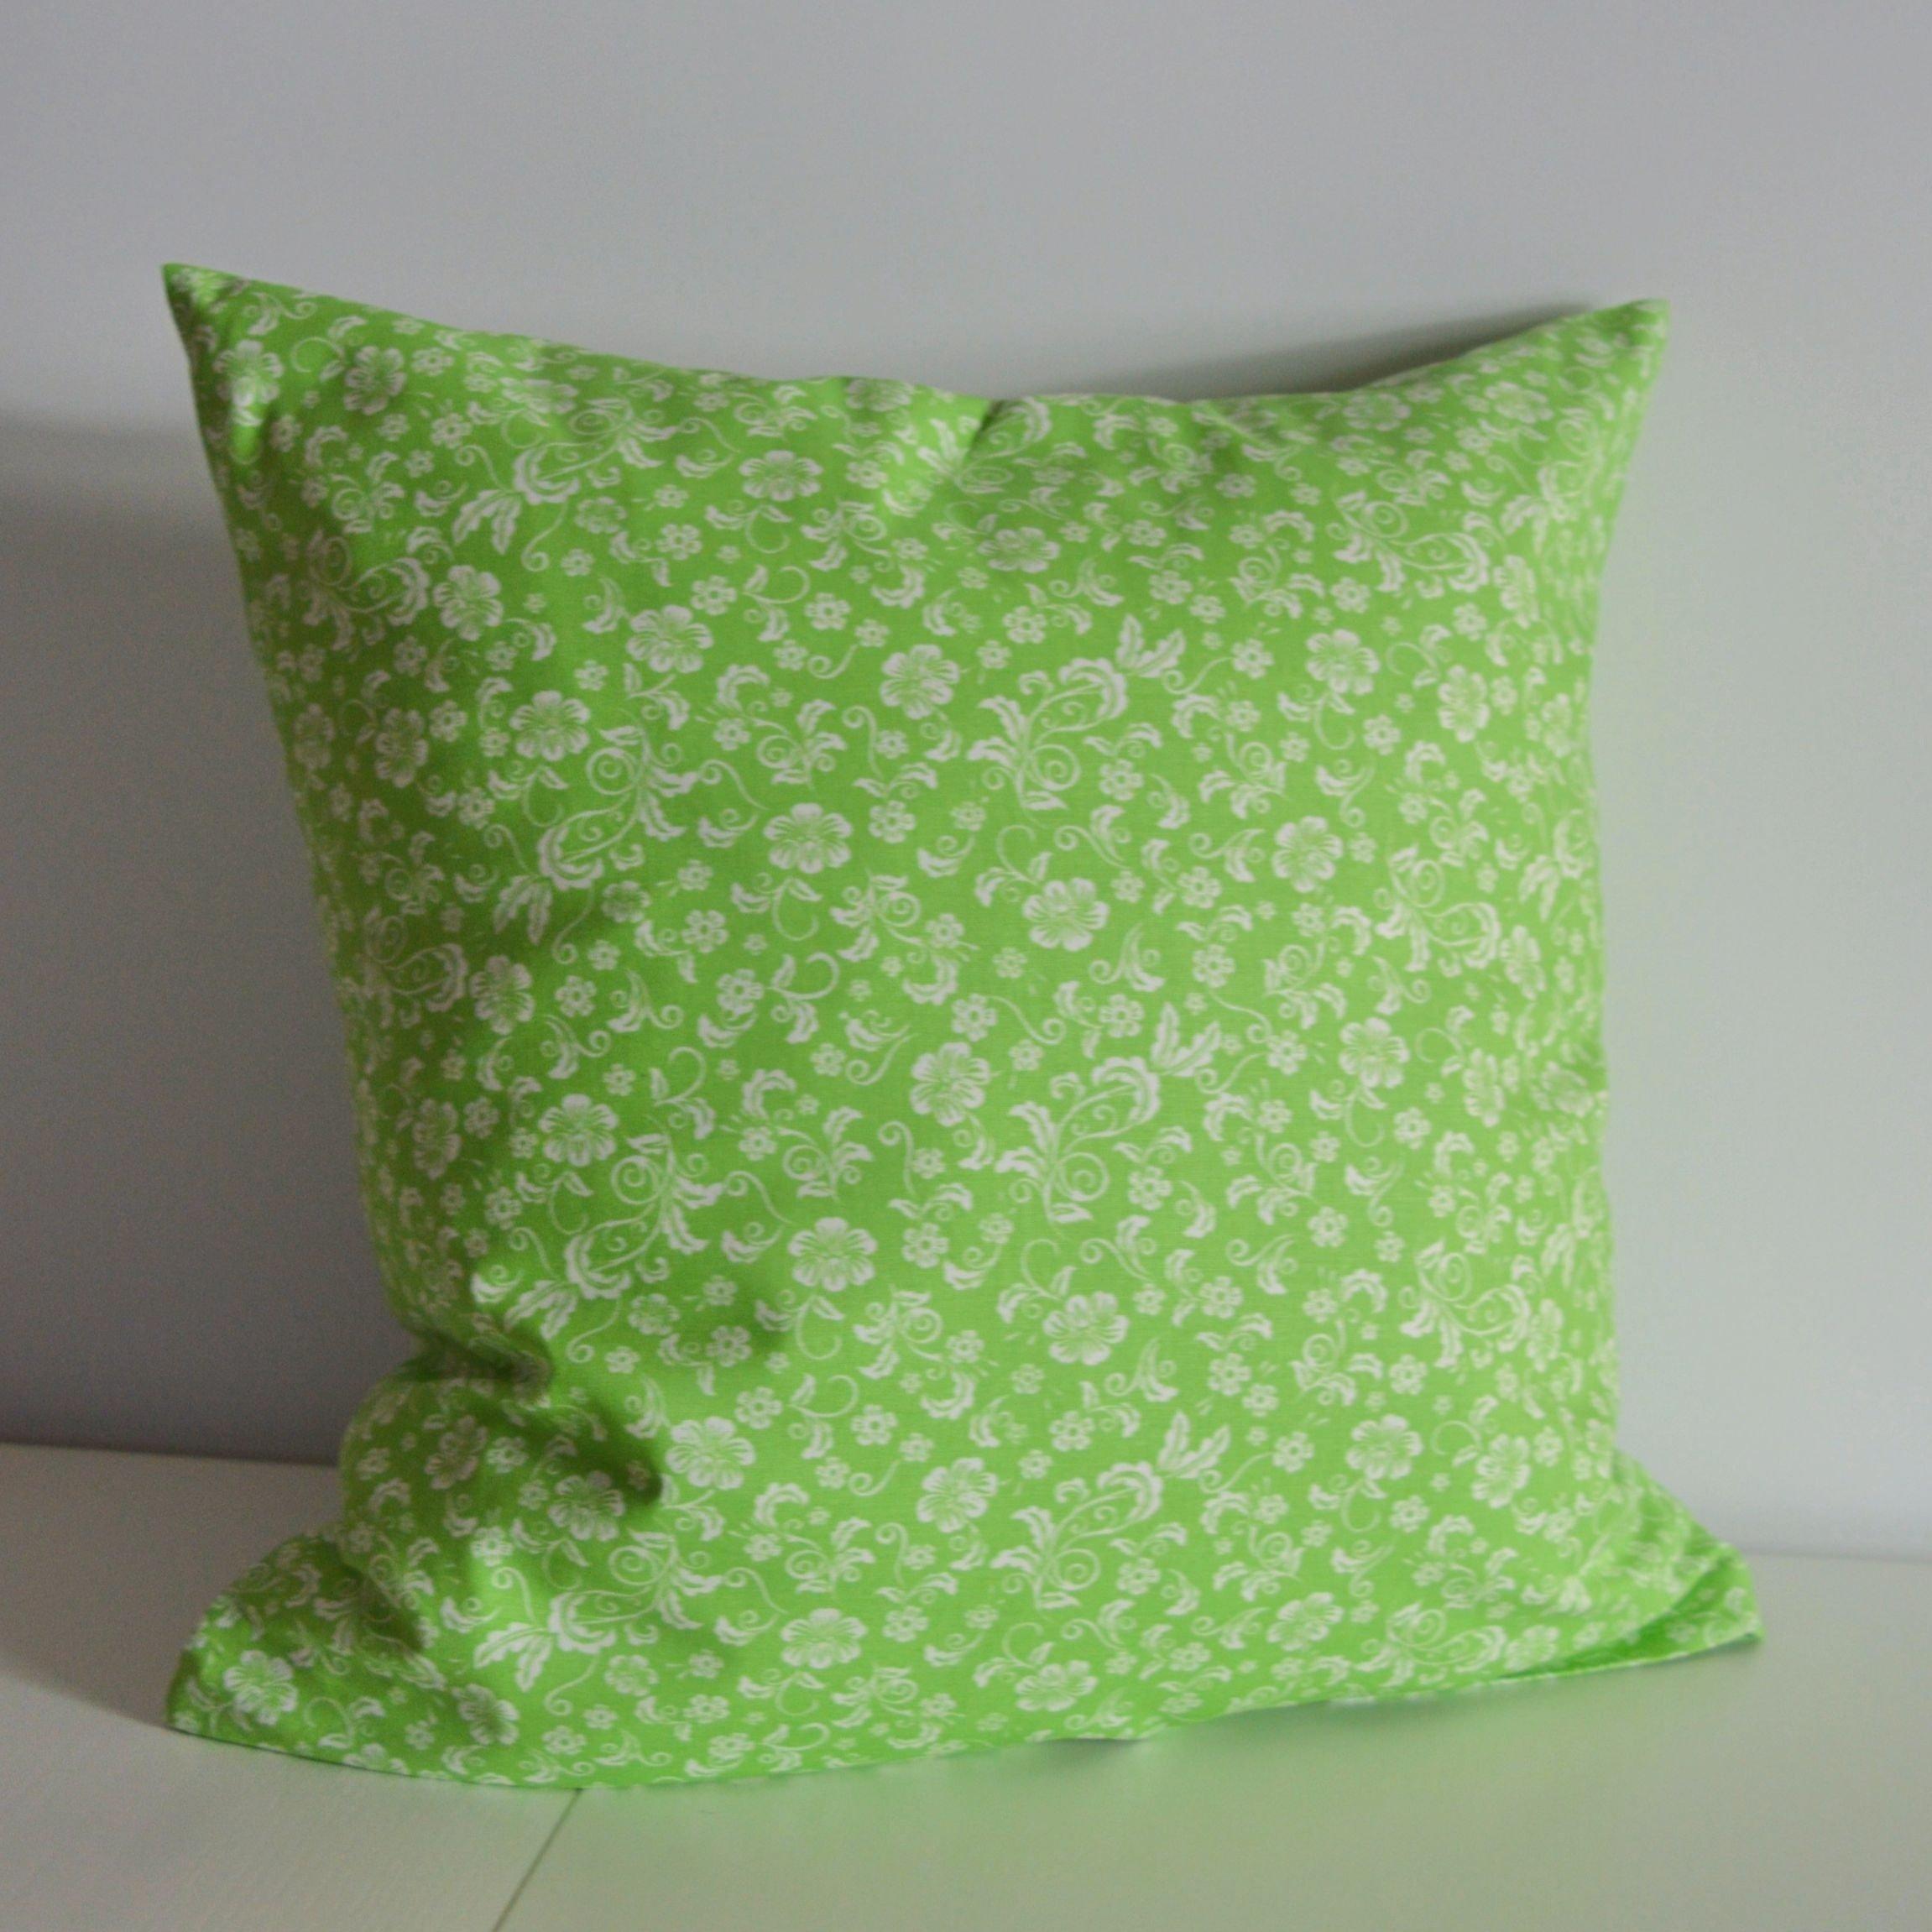 sewing pillowcase 3 ways to make